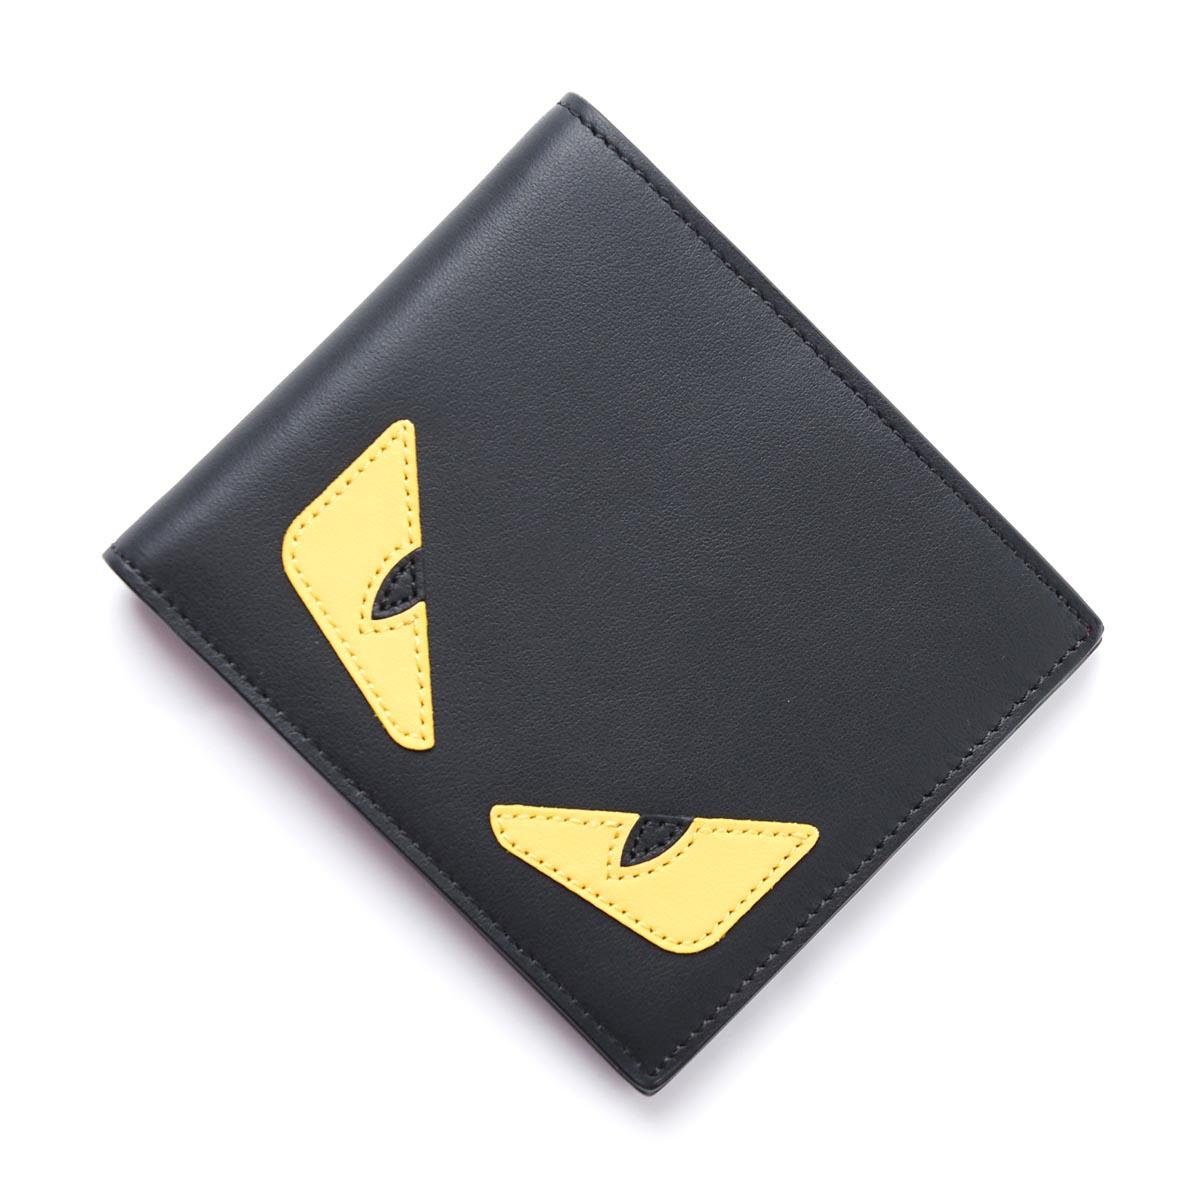 財布・ケース, メンズ財布  FENDI 2 7m0169 o73 f0u9t BAG BUGS WALLET